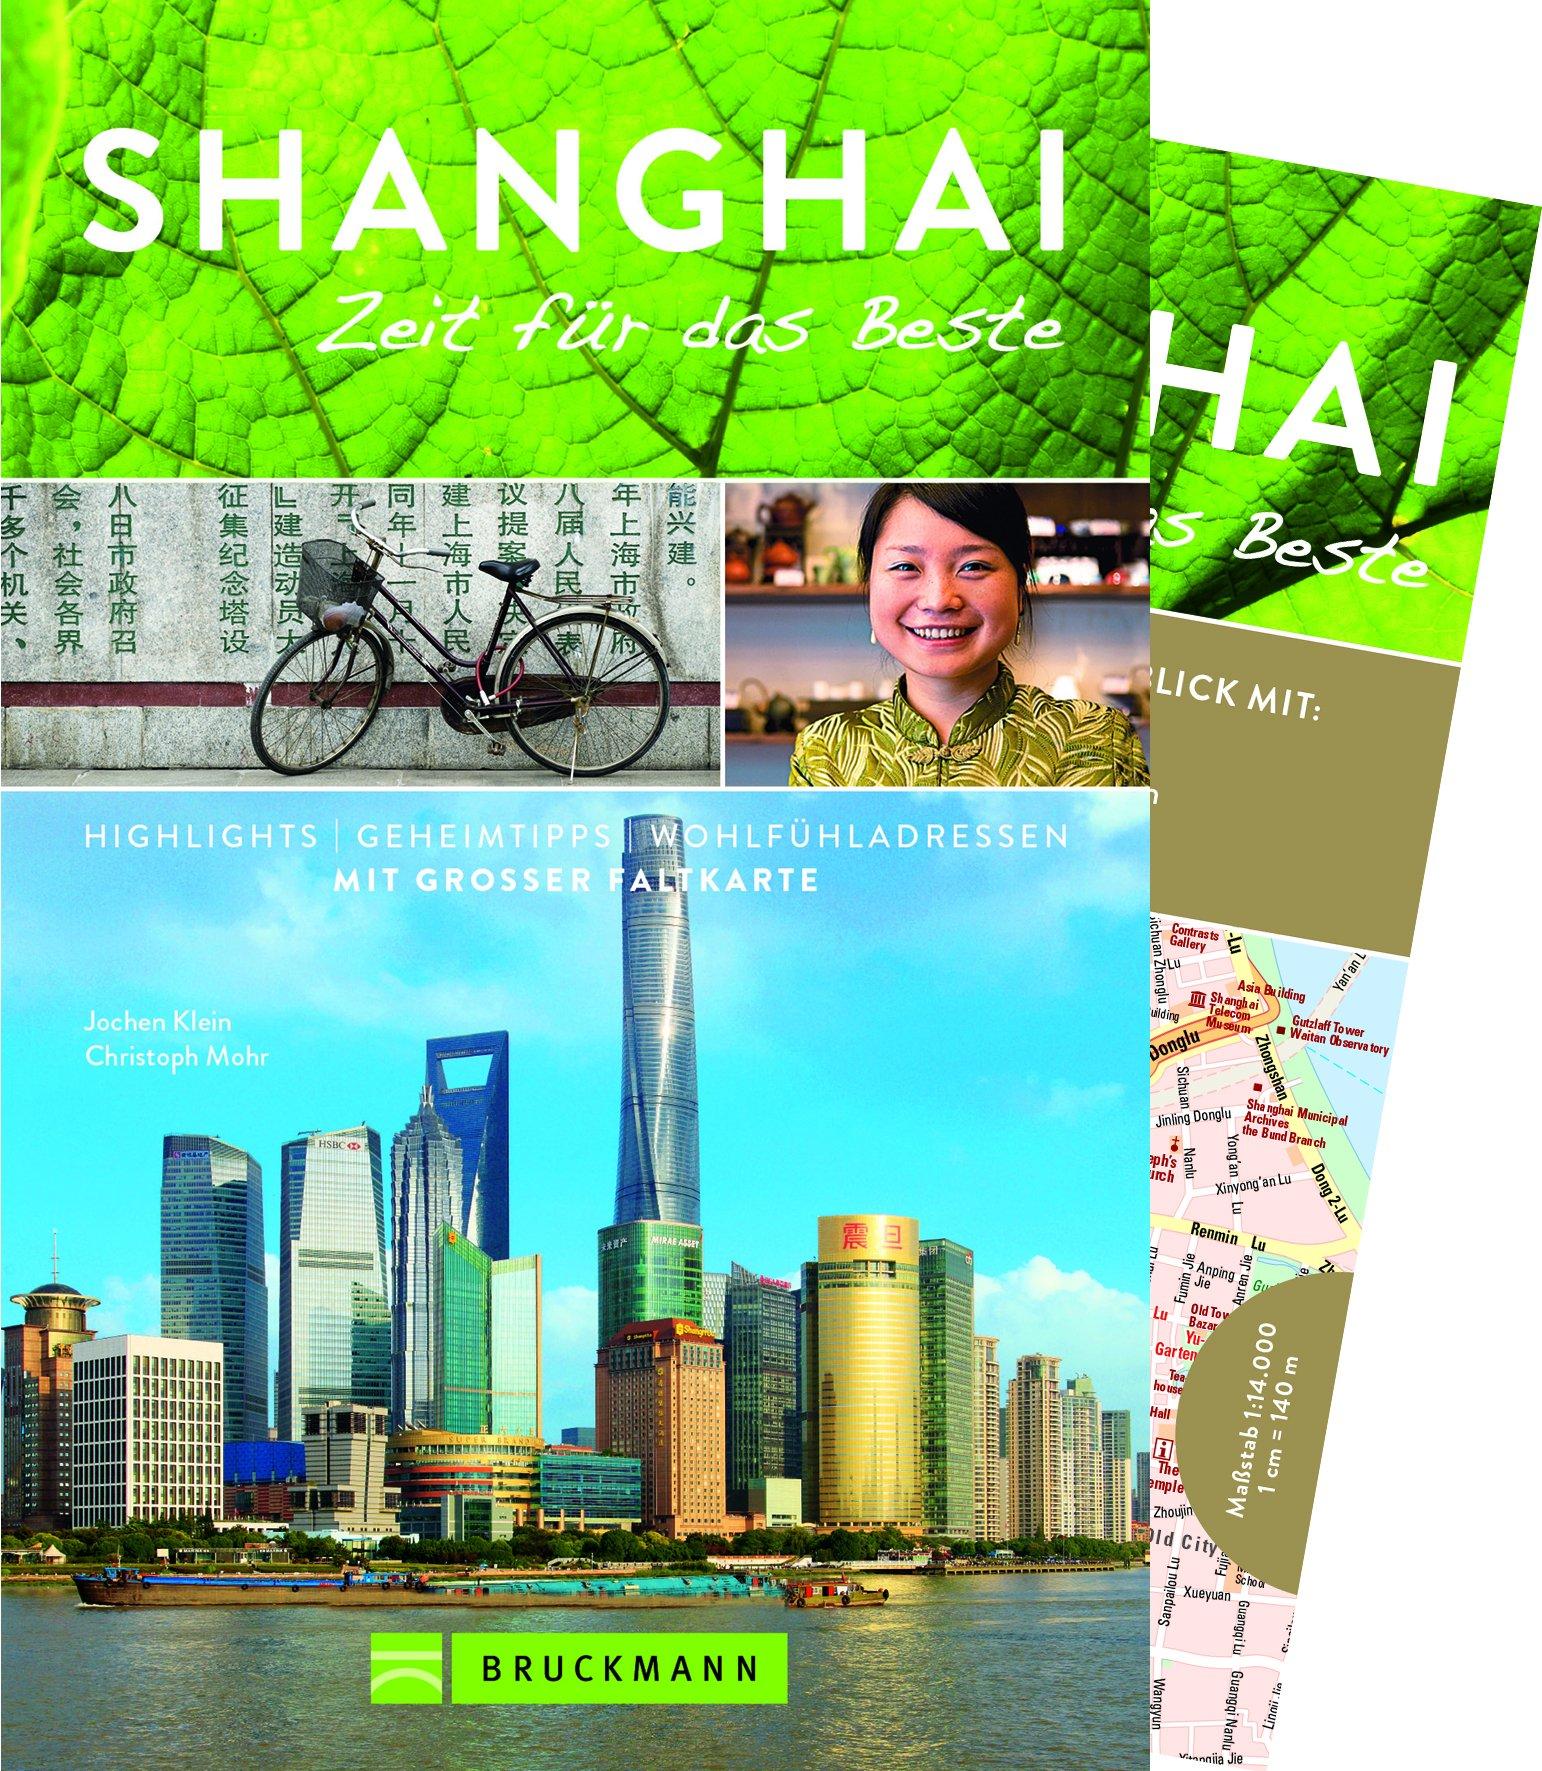 Bruckmann Reiseführer Shanghai: Zeit für das Beste. Highlights, Geheimtipps, Wohlfühladressen. Inklusive Faltkarte zum Herausnehmen. NEU 2018